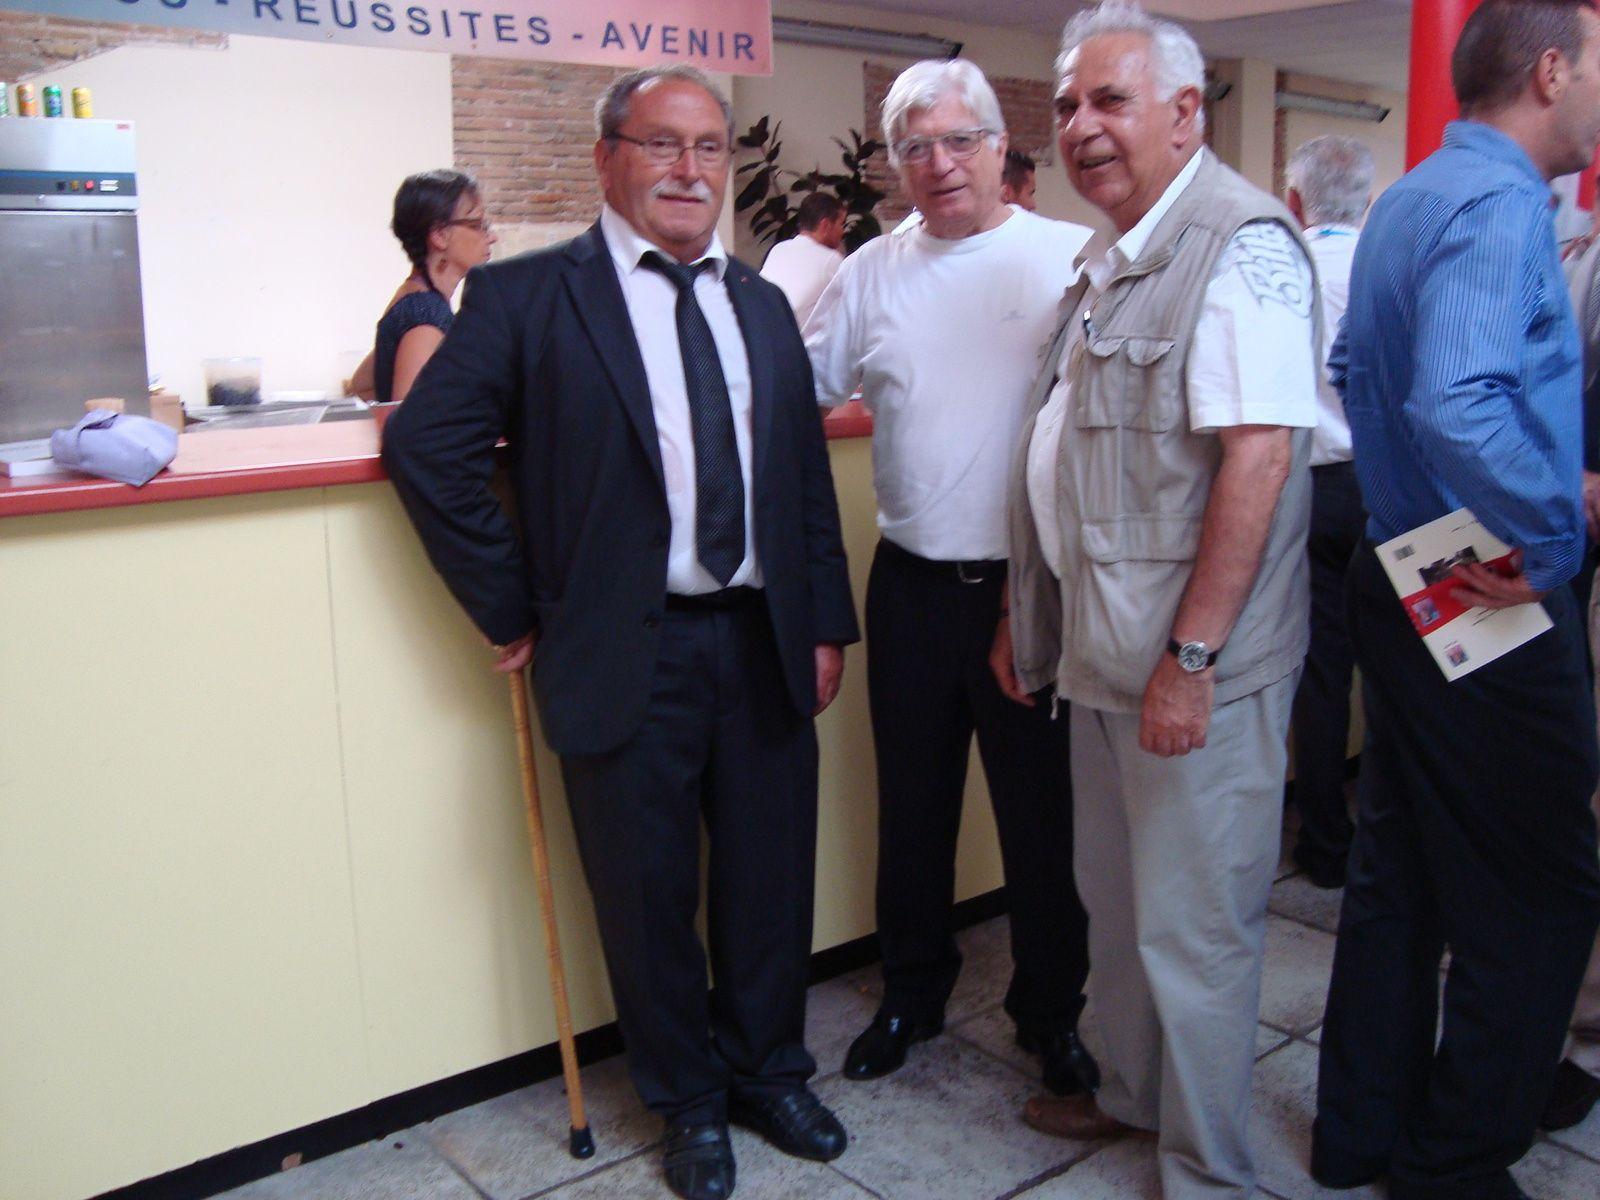 De gauche à droite : G. Mène, C. Nal et J-P Ballester à la buvette